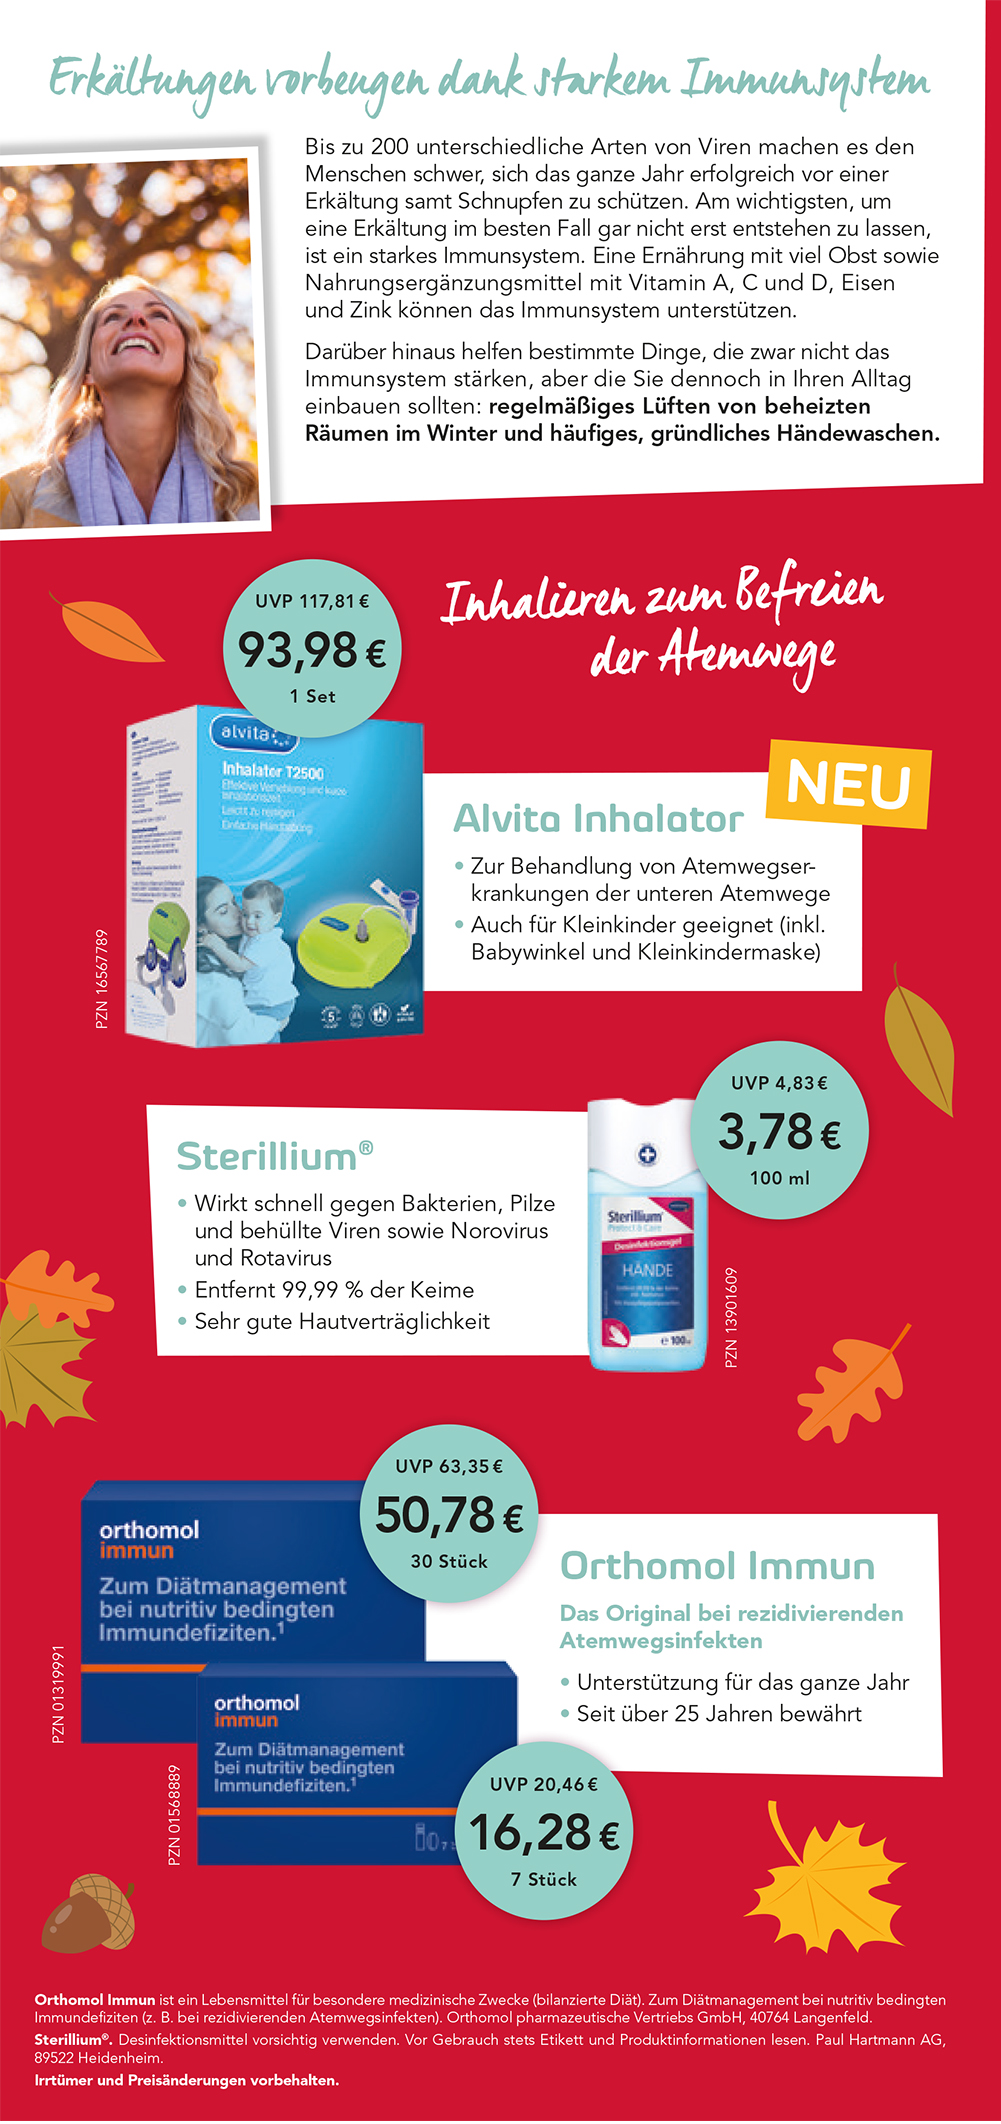 http://www.apotheken.de/fileadmin/clubarea/00000-Angebote/93413_414_zimmermann_angebot_5.jpg